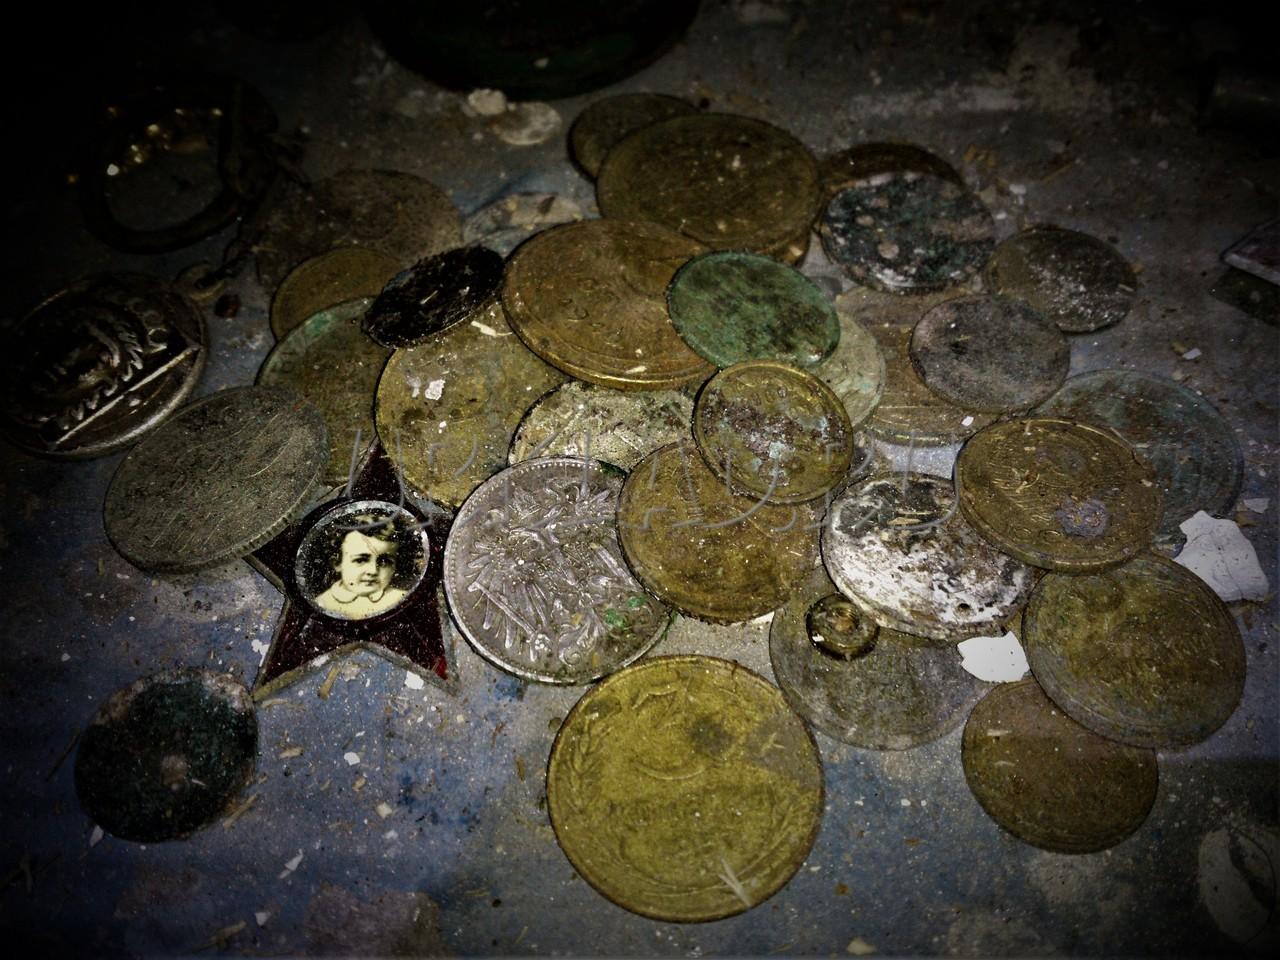 Поиск монет и кладов в старых заброшенных домах.